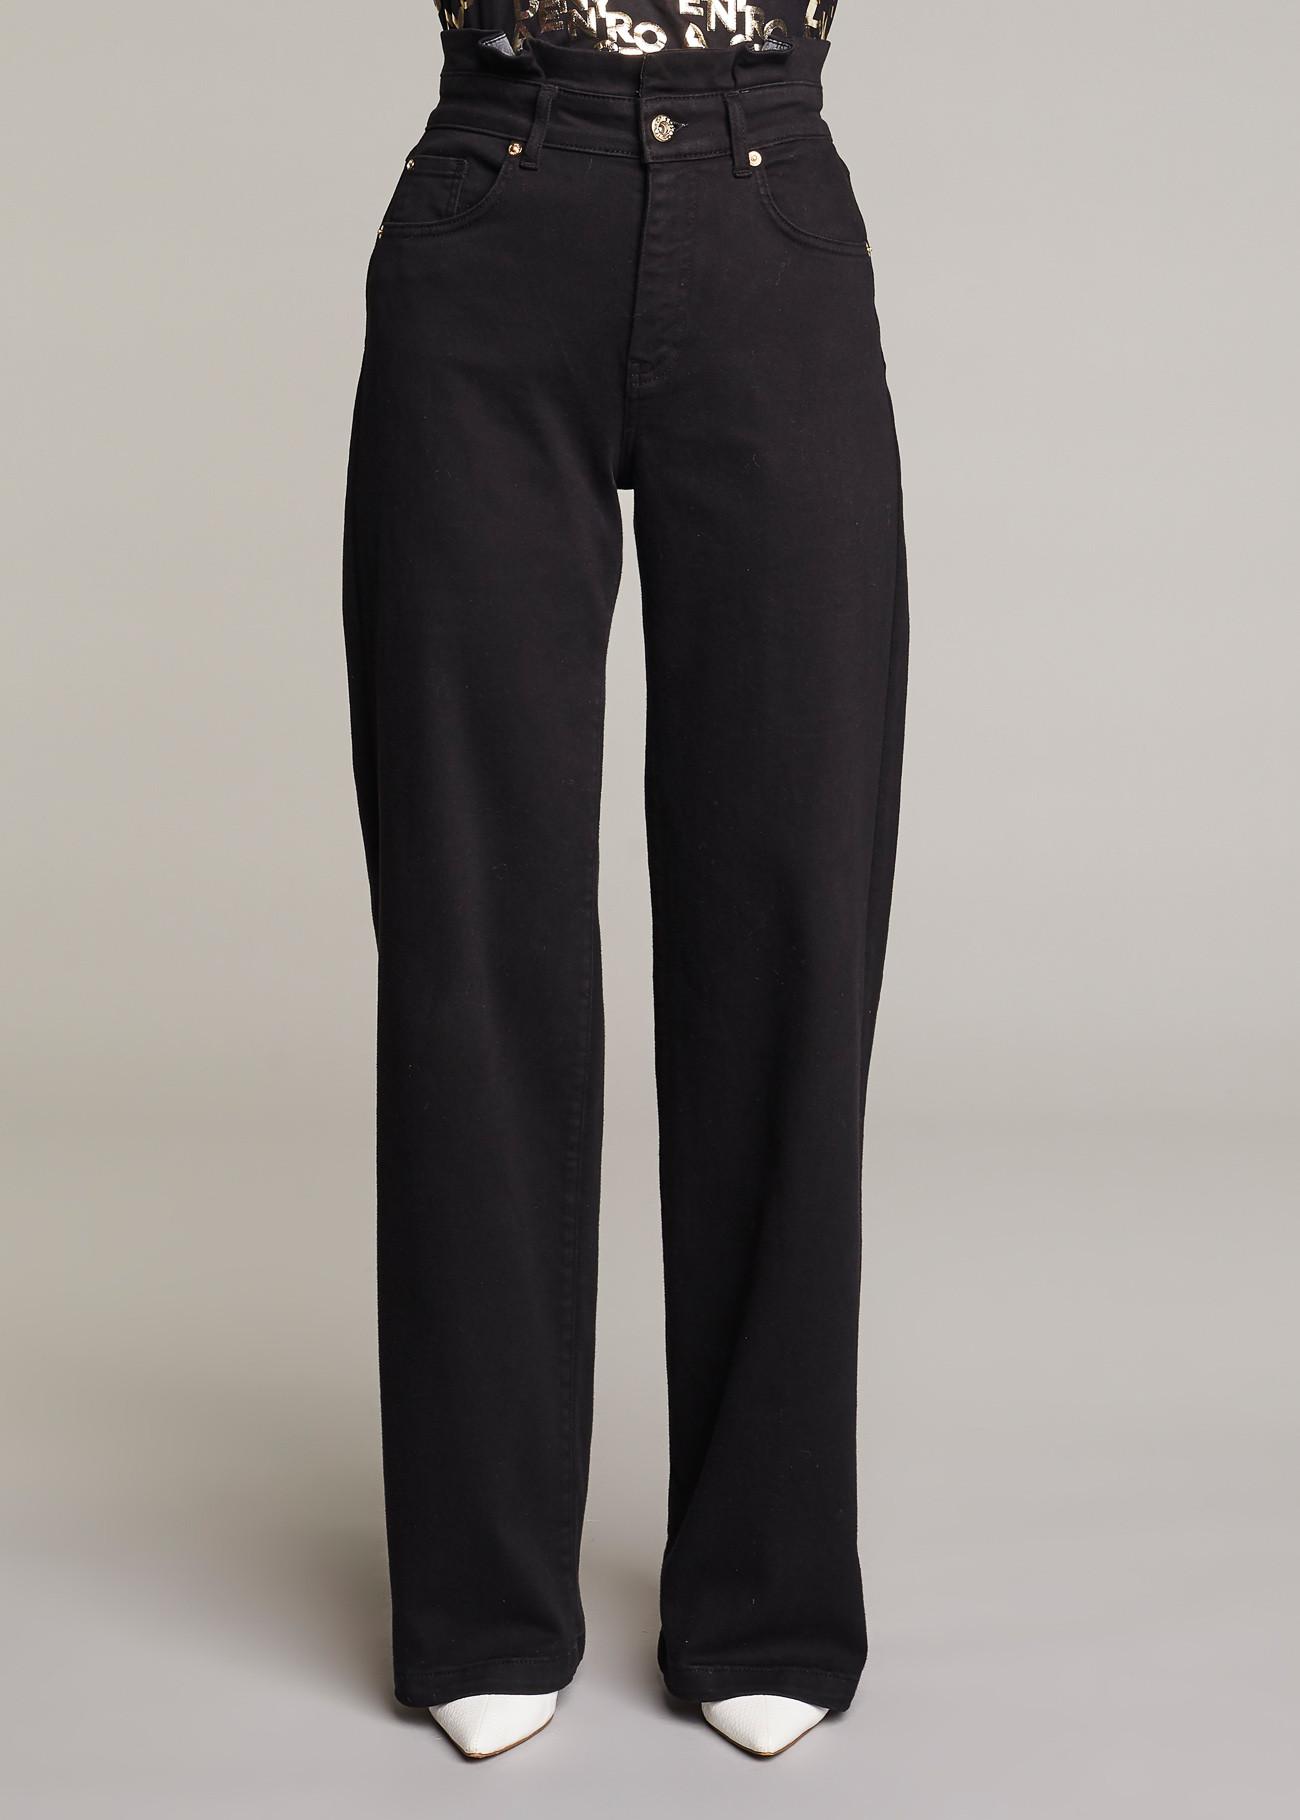 Pantalone Denny Rose